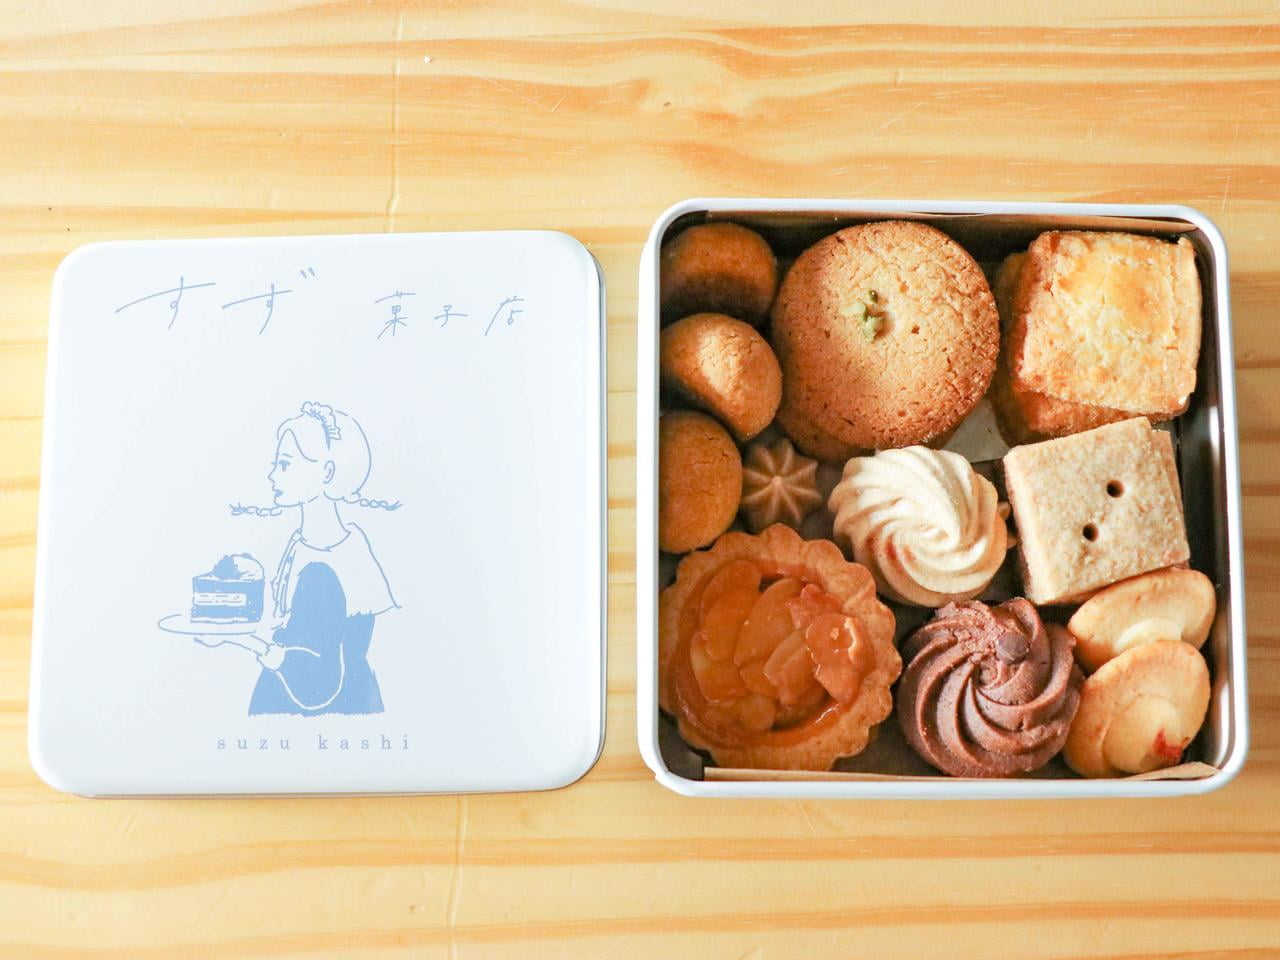 【姫路/新店】「すず菓子店」の焼き菓子やケーキが話題!ギフトにもおすすめ